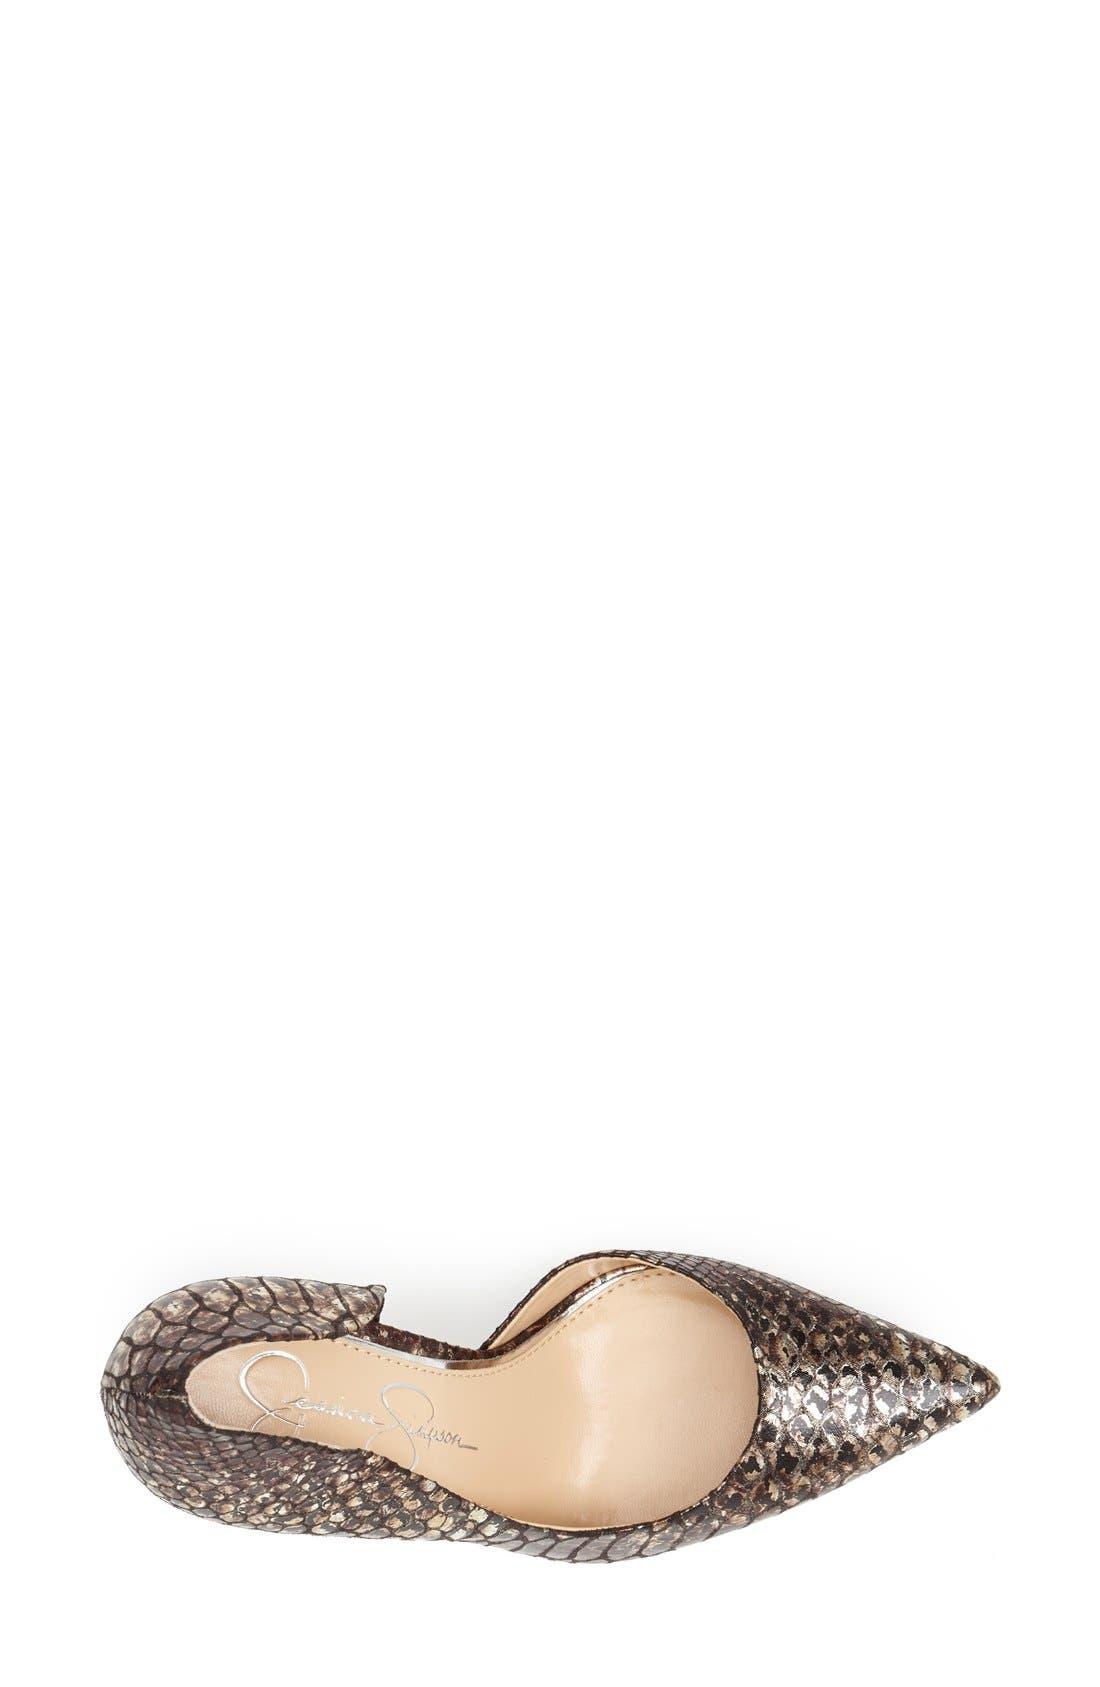 ,                             'Claudette' Half d'Orsay Pump,                             Alternate thumbnail 116, color,                             220